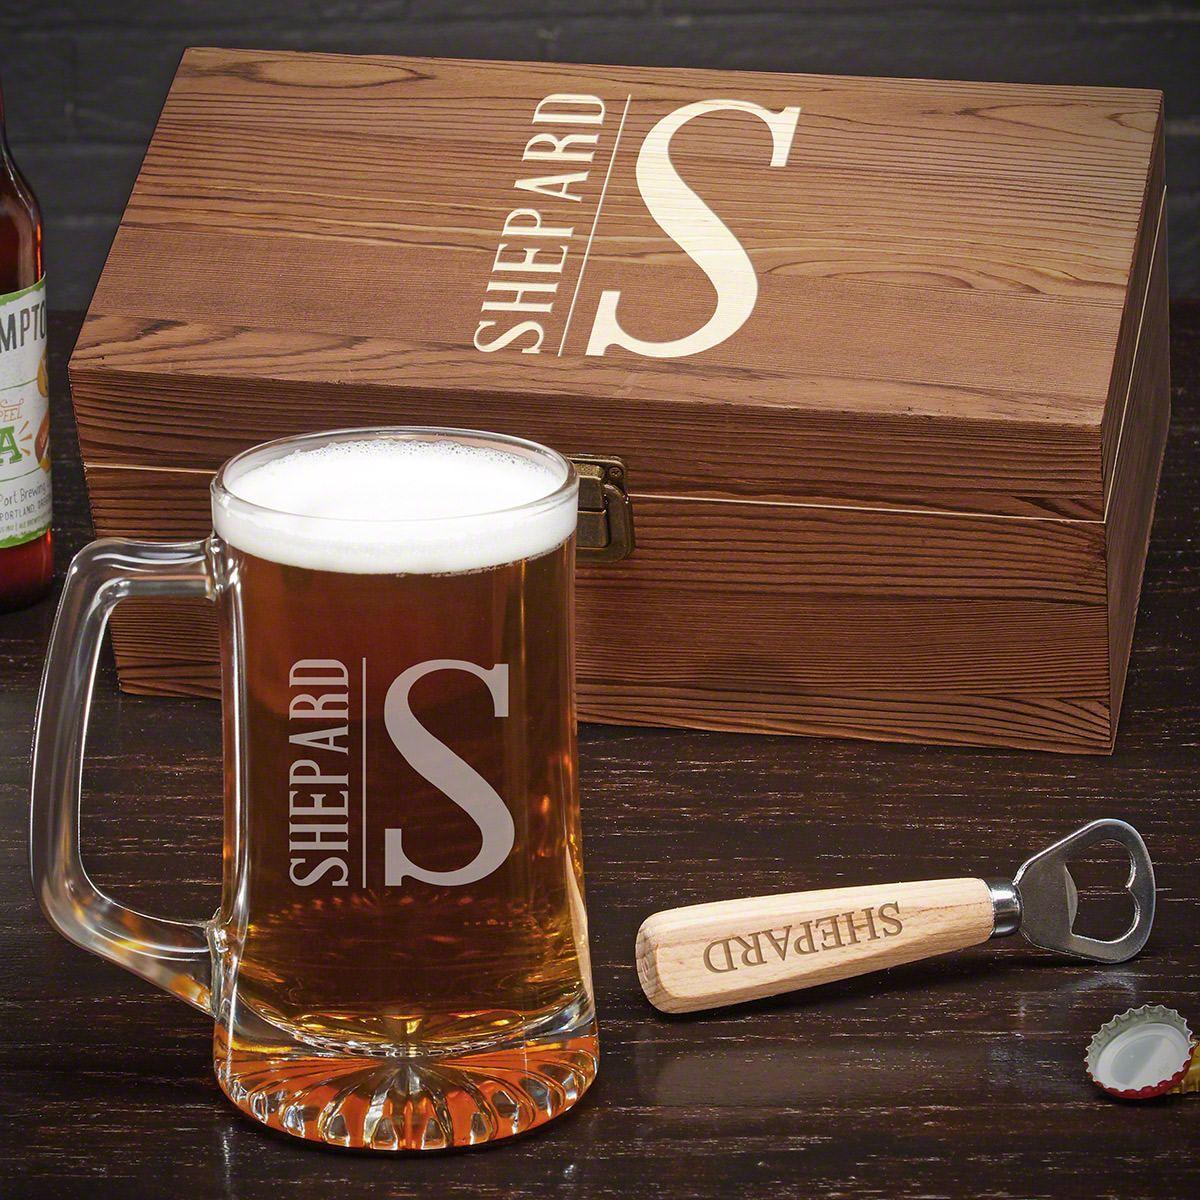 Elton Personalized Box & Beer Mug Gift Set